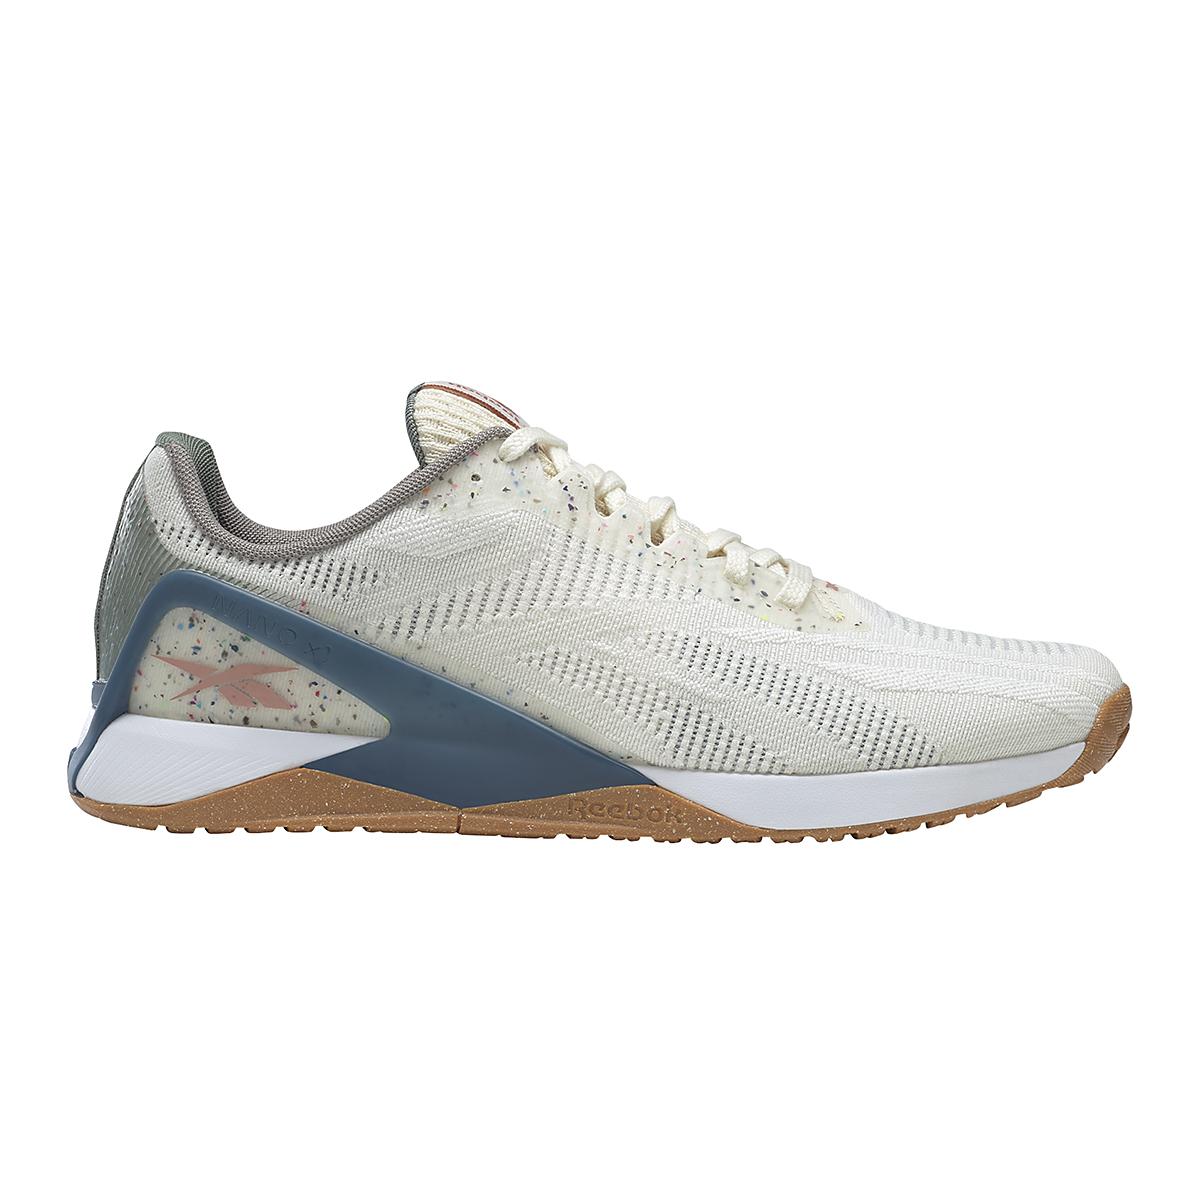 Men's Reebok Nano X1 Vegan Training Shoe - Color: Classic White/Harmony Green/Brave Blue - Size: 7.5 - Width: Regular, Classic White/Harmony Green/Brave Blue, large, image 1